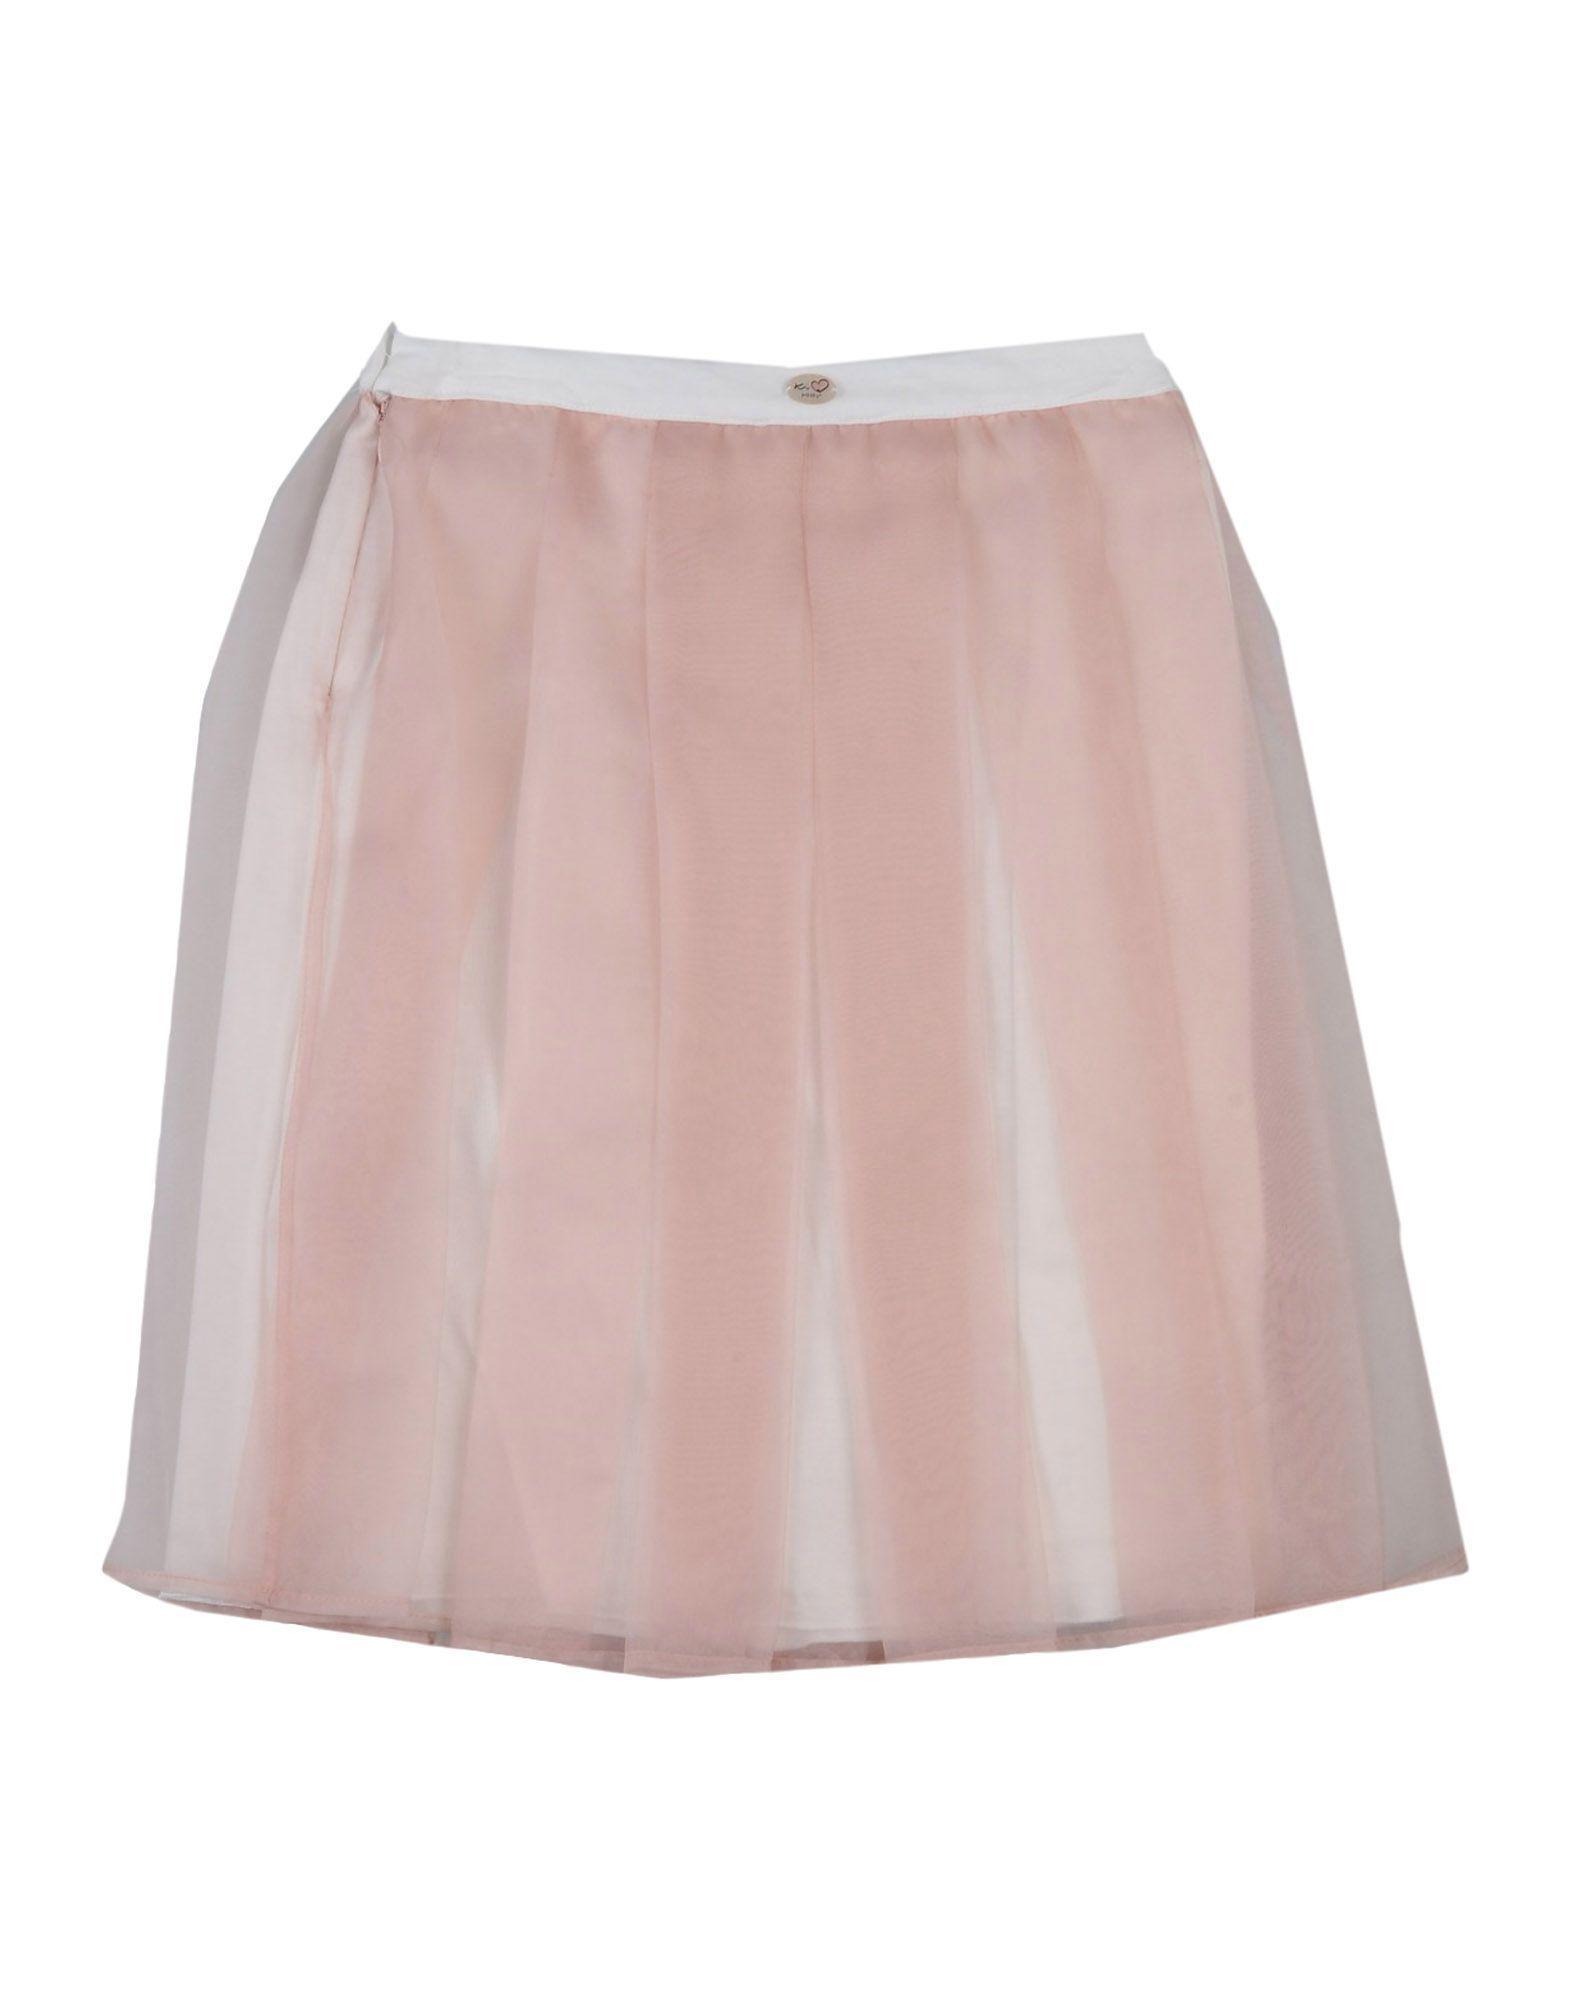 SKIRTS Ki6? Pretty Pale pink Girl Polyester